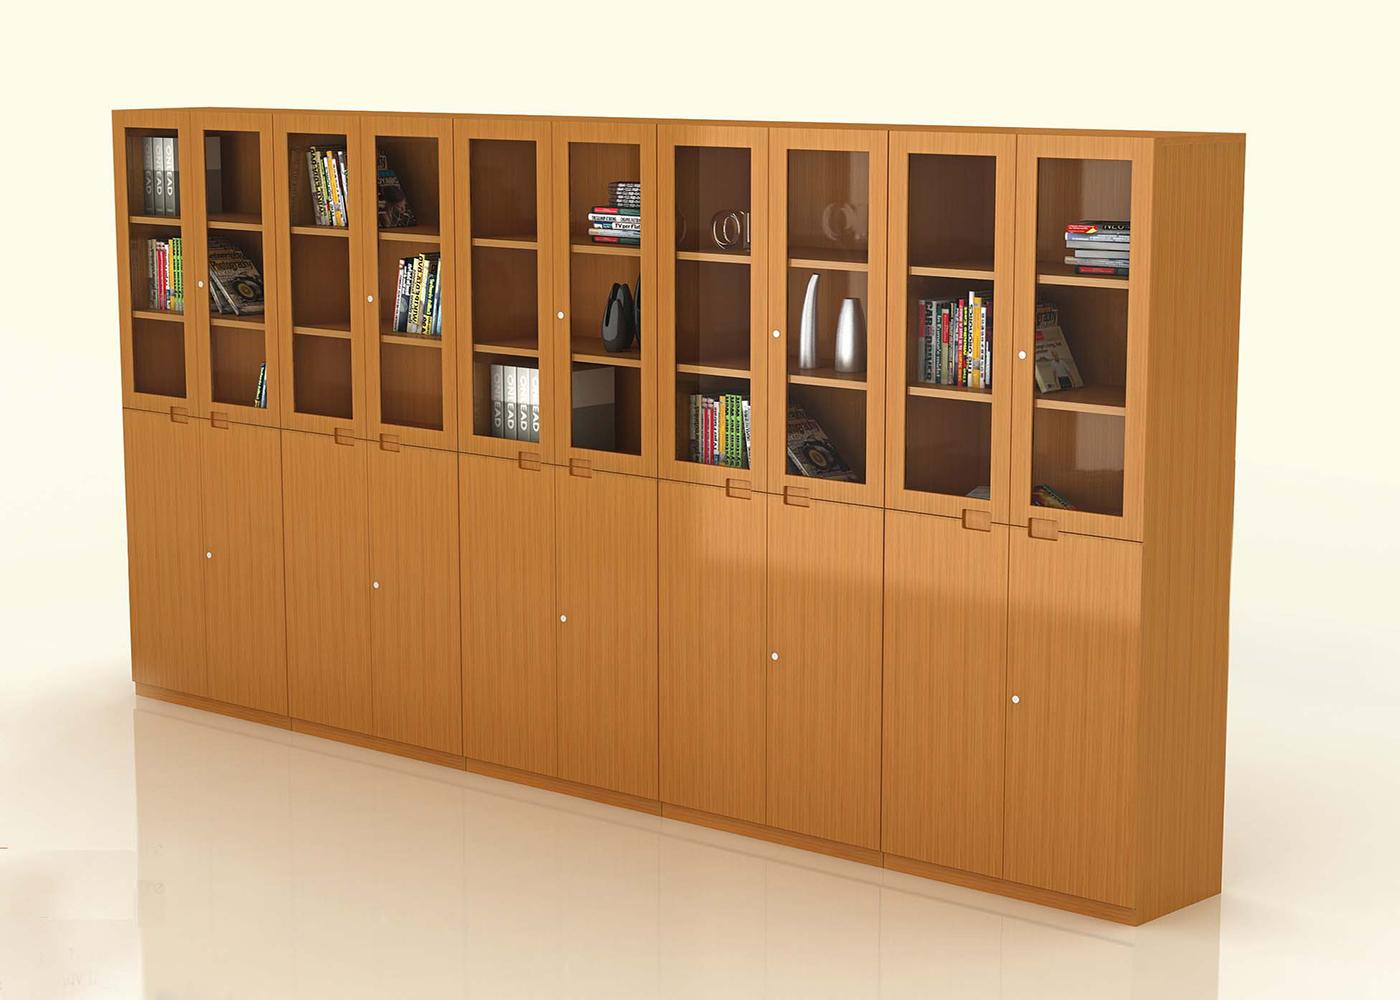 海斯诺文件柜A10,上海文件柜,【尺寸 价格 图片 品牌】